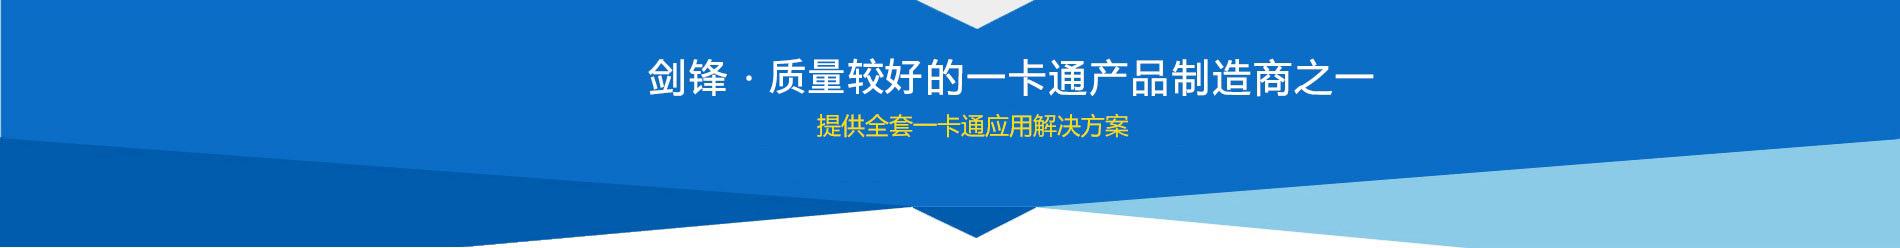 广州市车牌识别系统